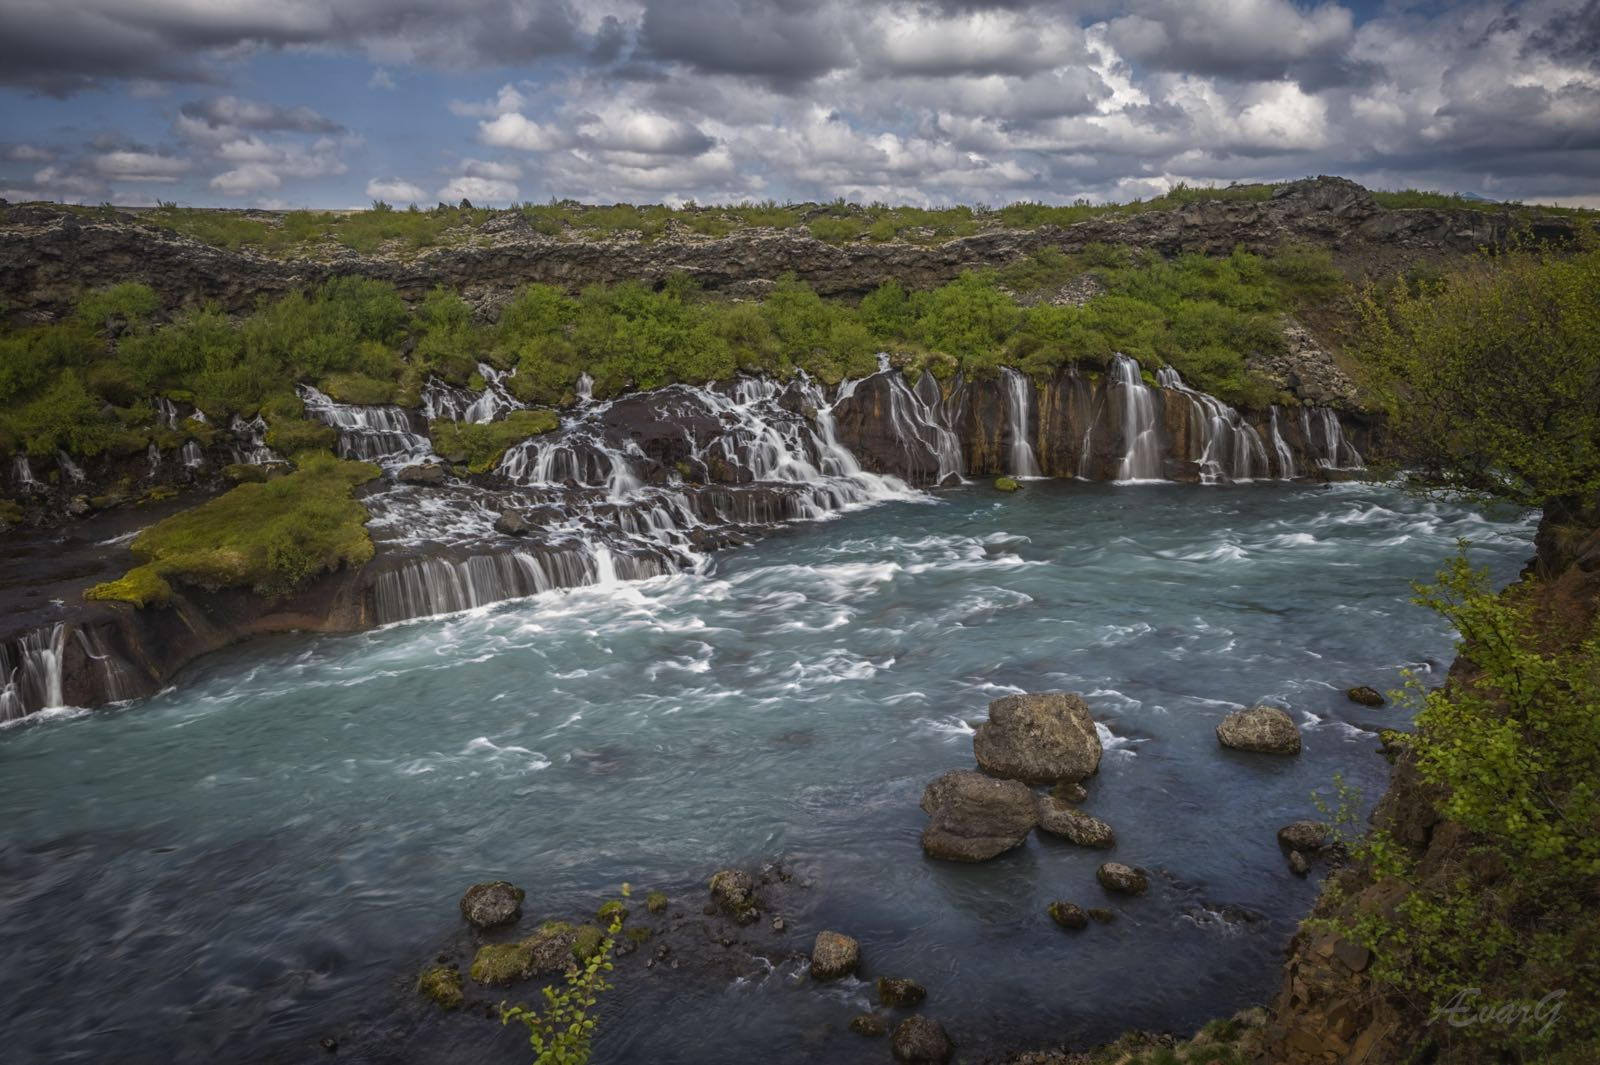 La cascada Hraunfossar brota de un amplio campo de lava en el este de Islandia en muchos riachuelos serenos.